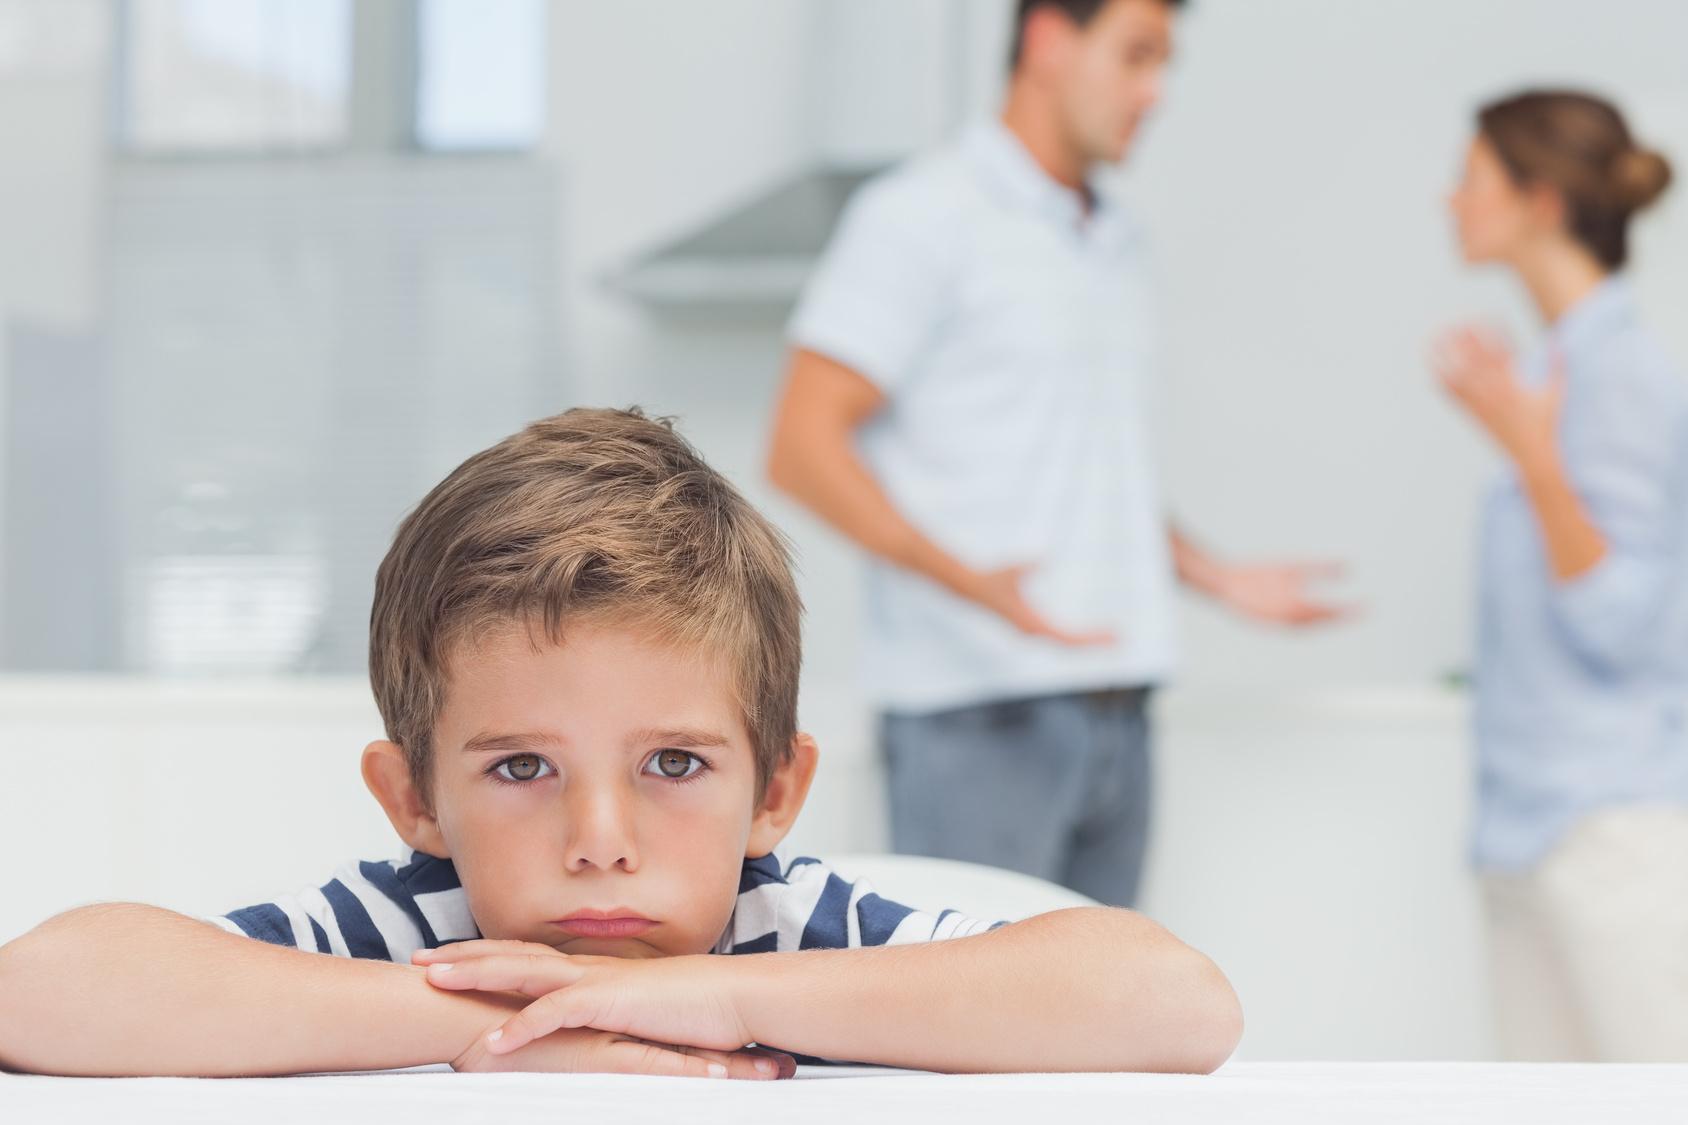 خیانت والدین در فرزندان تکرار میشود